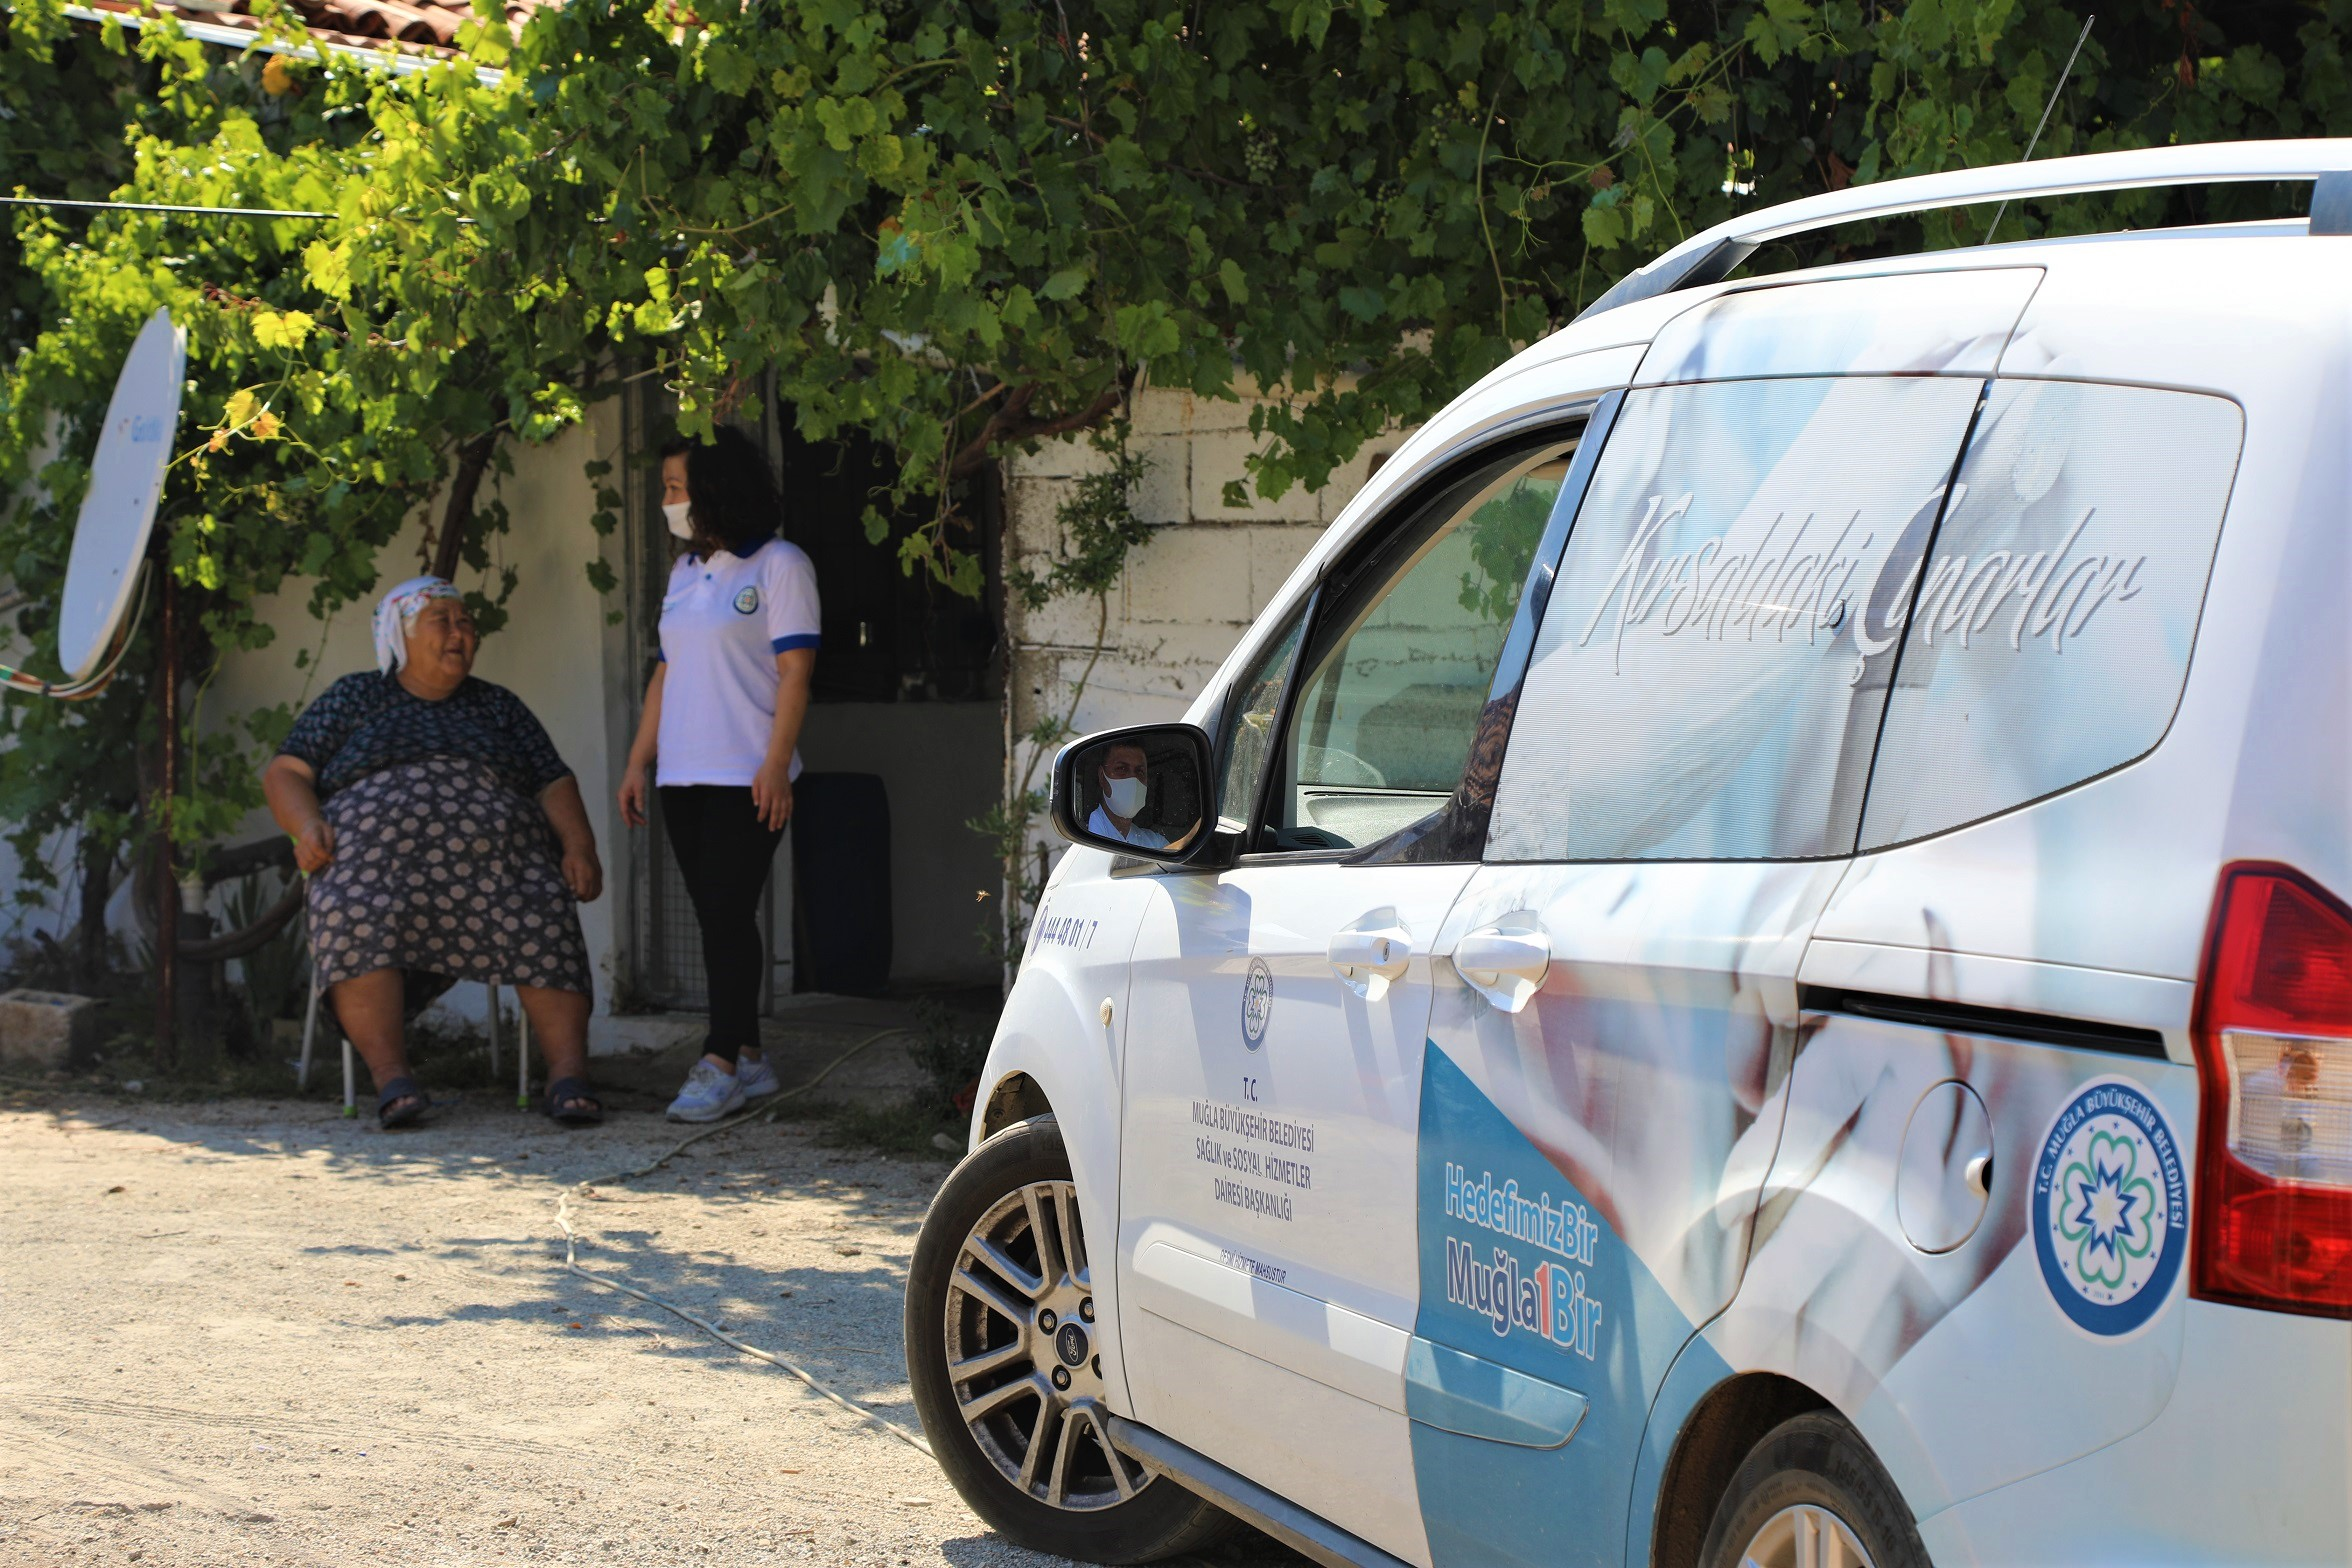 Muğla Büyükşehir Belediyesi'nden vatandaşlara dokunan hizmetler